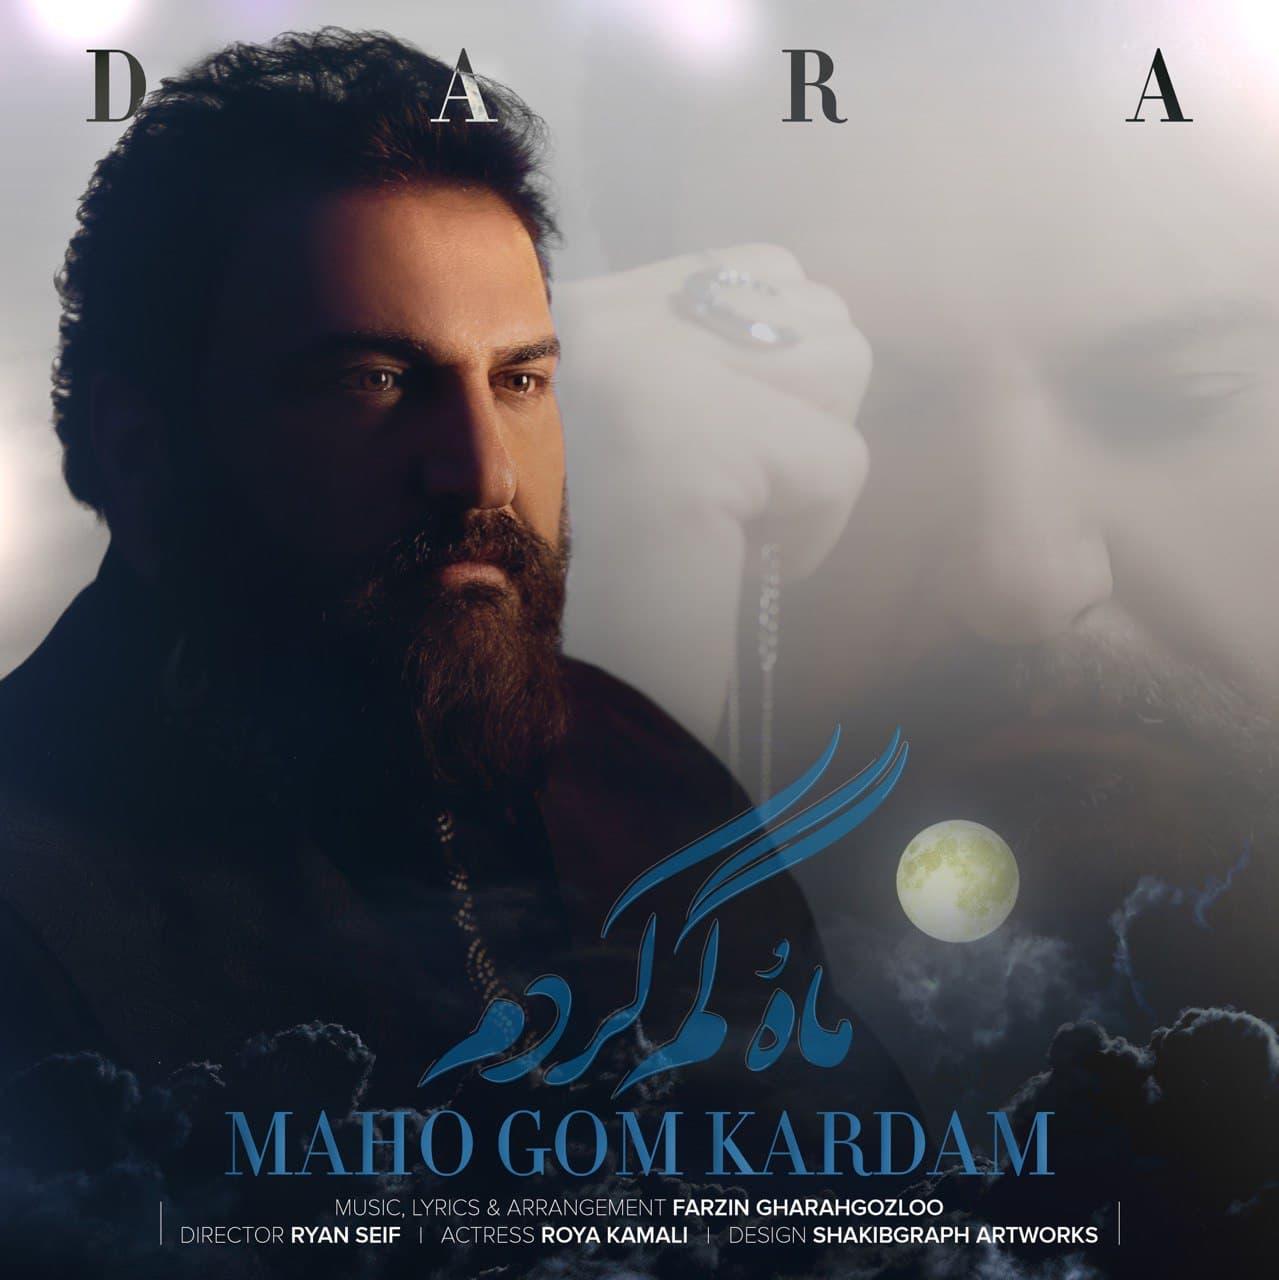 Dara Recording Artist – Maho Gom Kardam